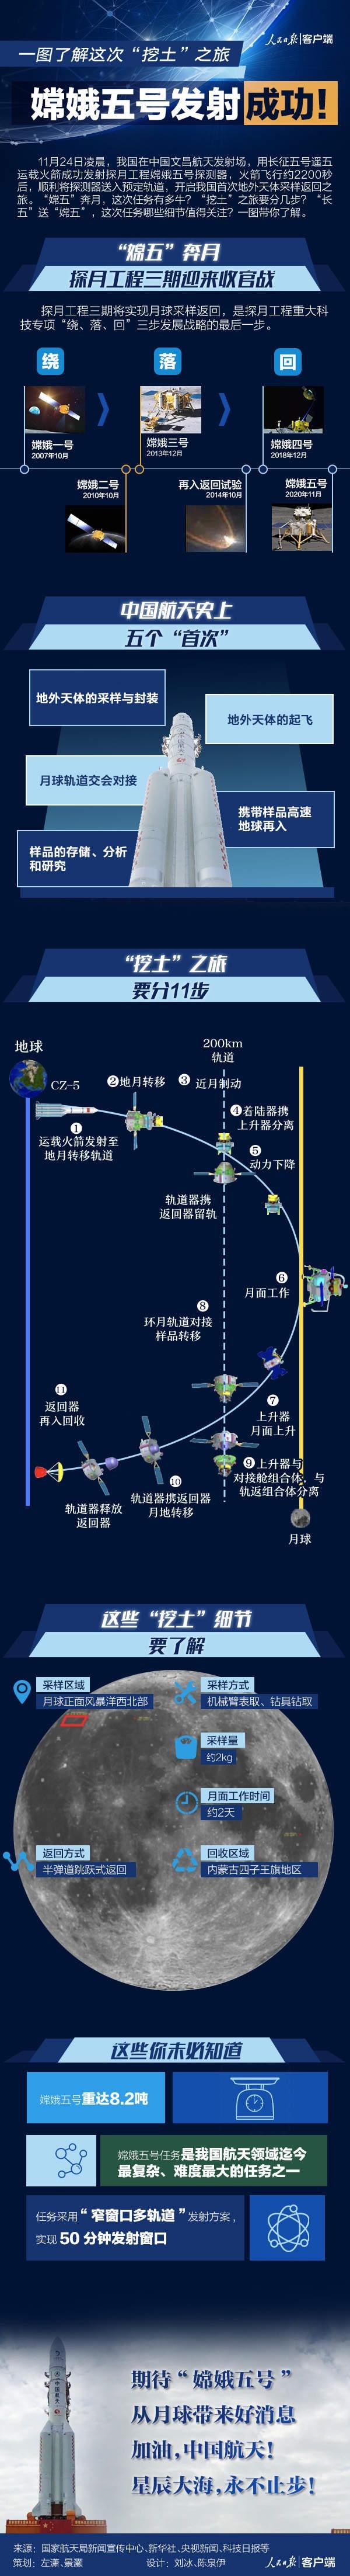 """嫦娥五号发射成功!这次""""挖掘""""之旅的照片"""